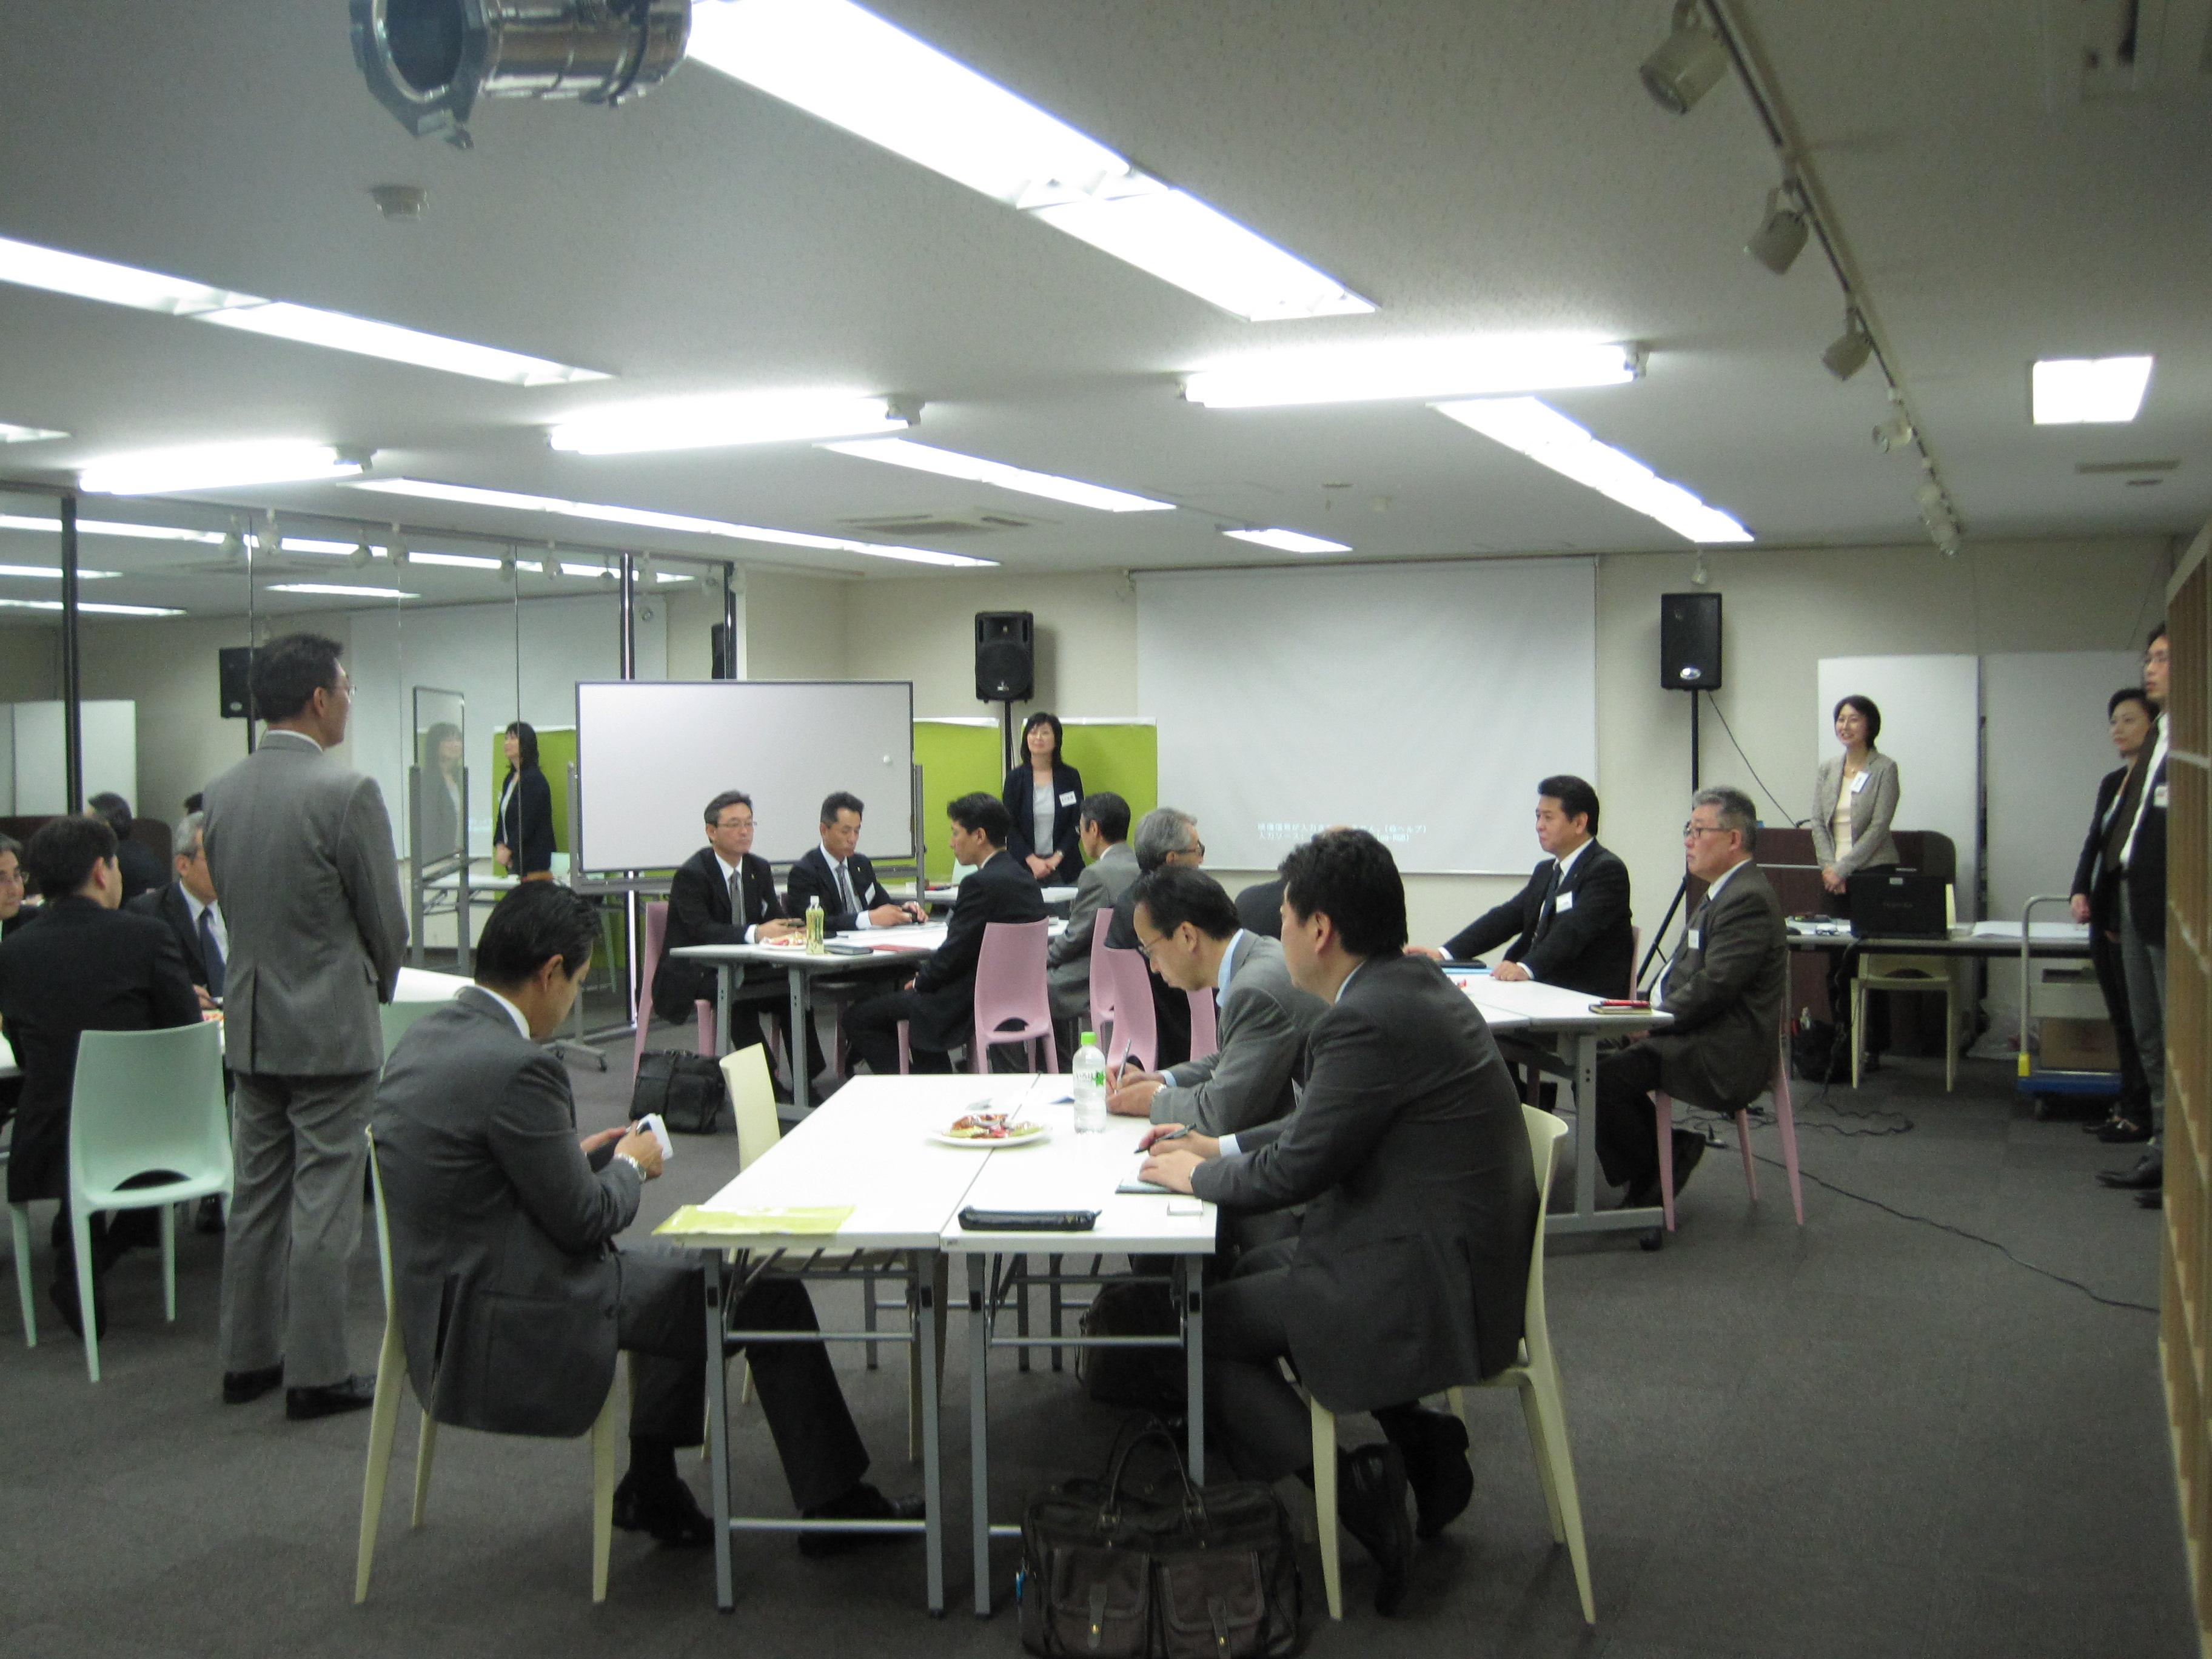 会議室 ミーティング 研修会